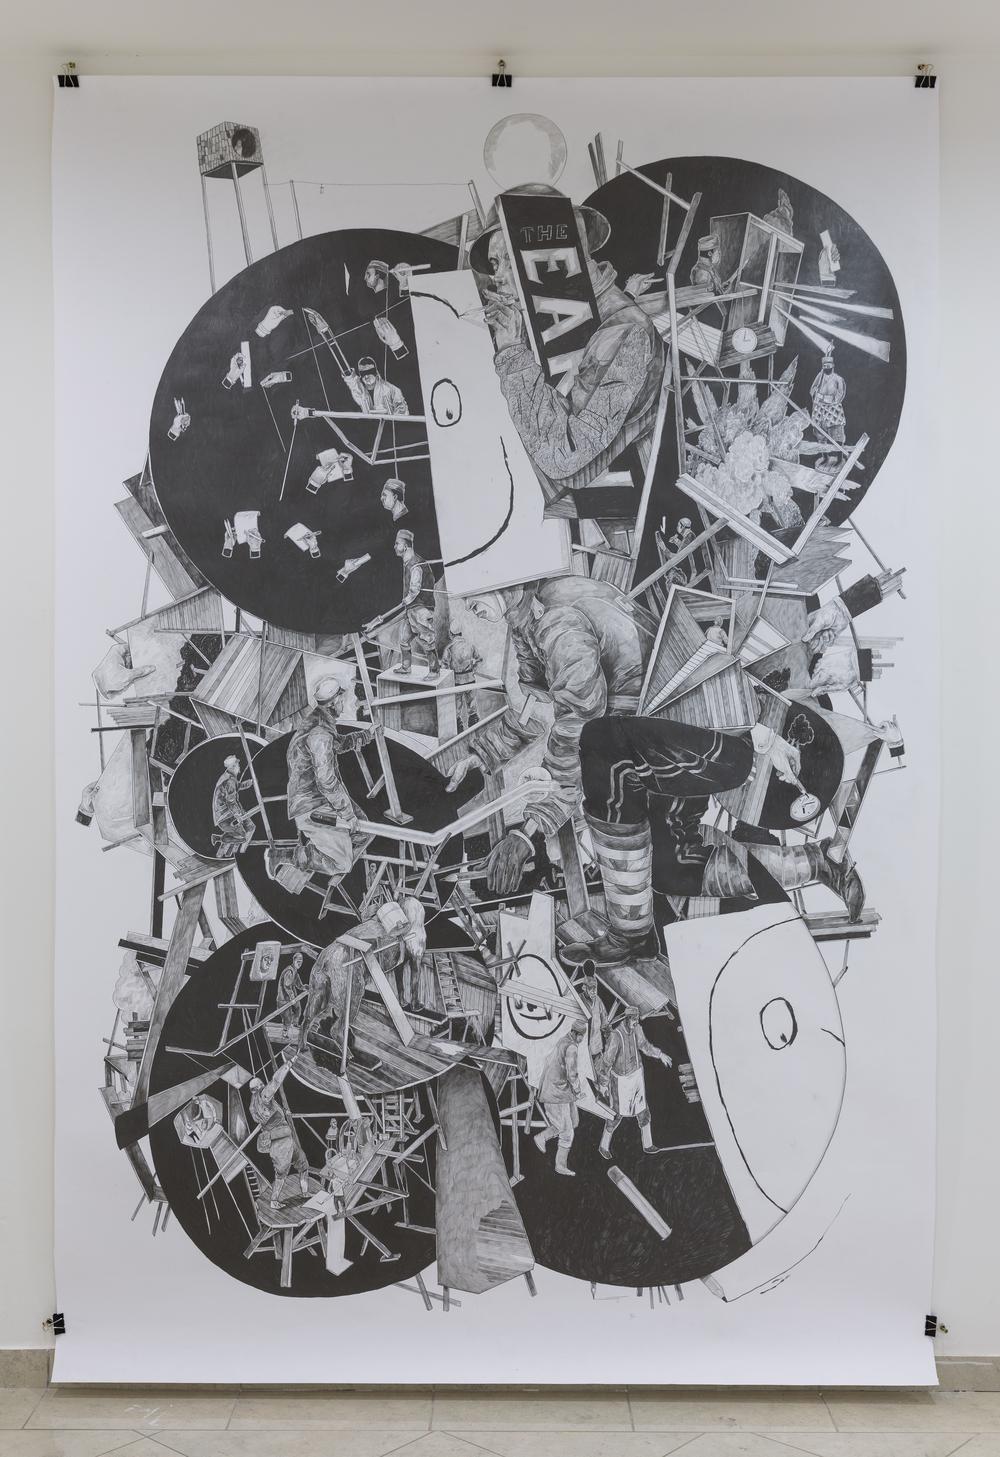 David Böhm - Jiří Franta, Z nadání paní Phalaccusové, profesora a paní Cheetahové si pamatuji řízek citrónu a ukousnuté cukroví, 2014, tužka na papíře, 270 x 182 cm